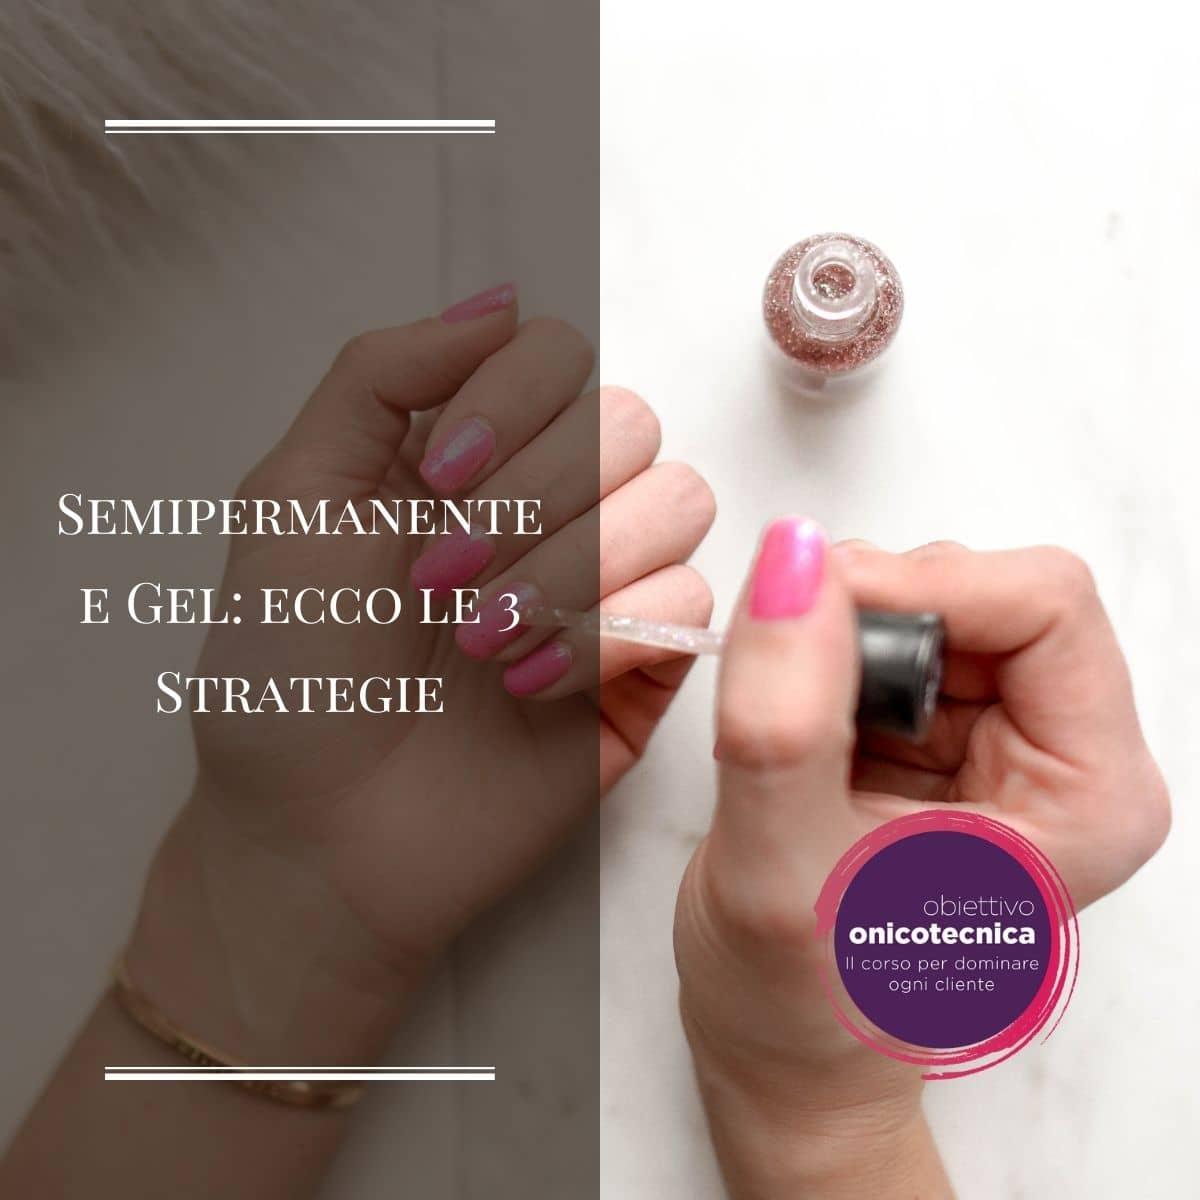 Semipermanente e Gel ecco le 3 Strategie